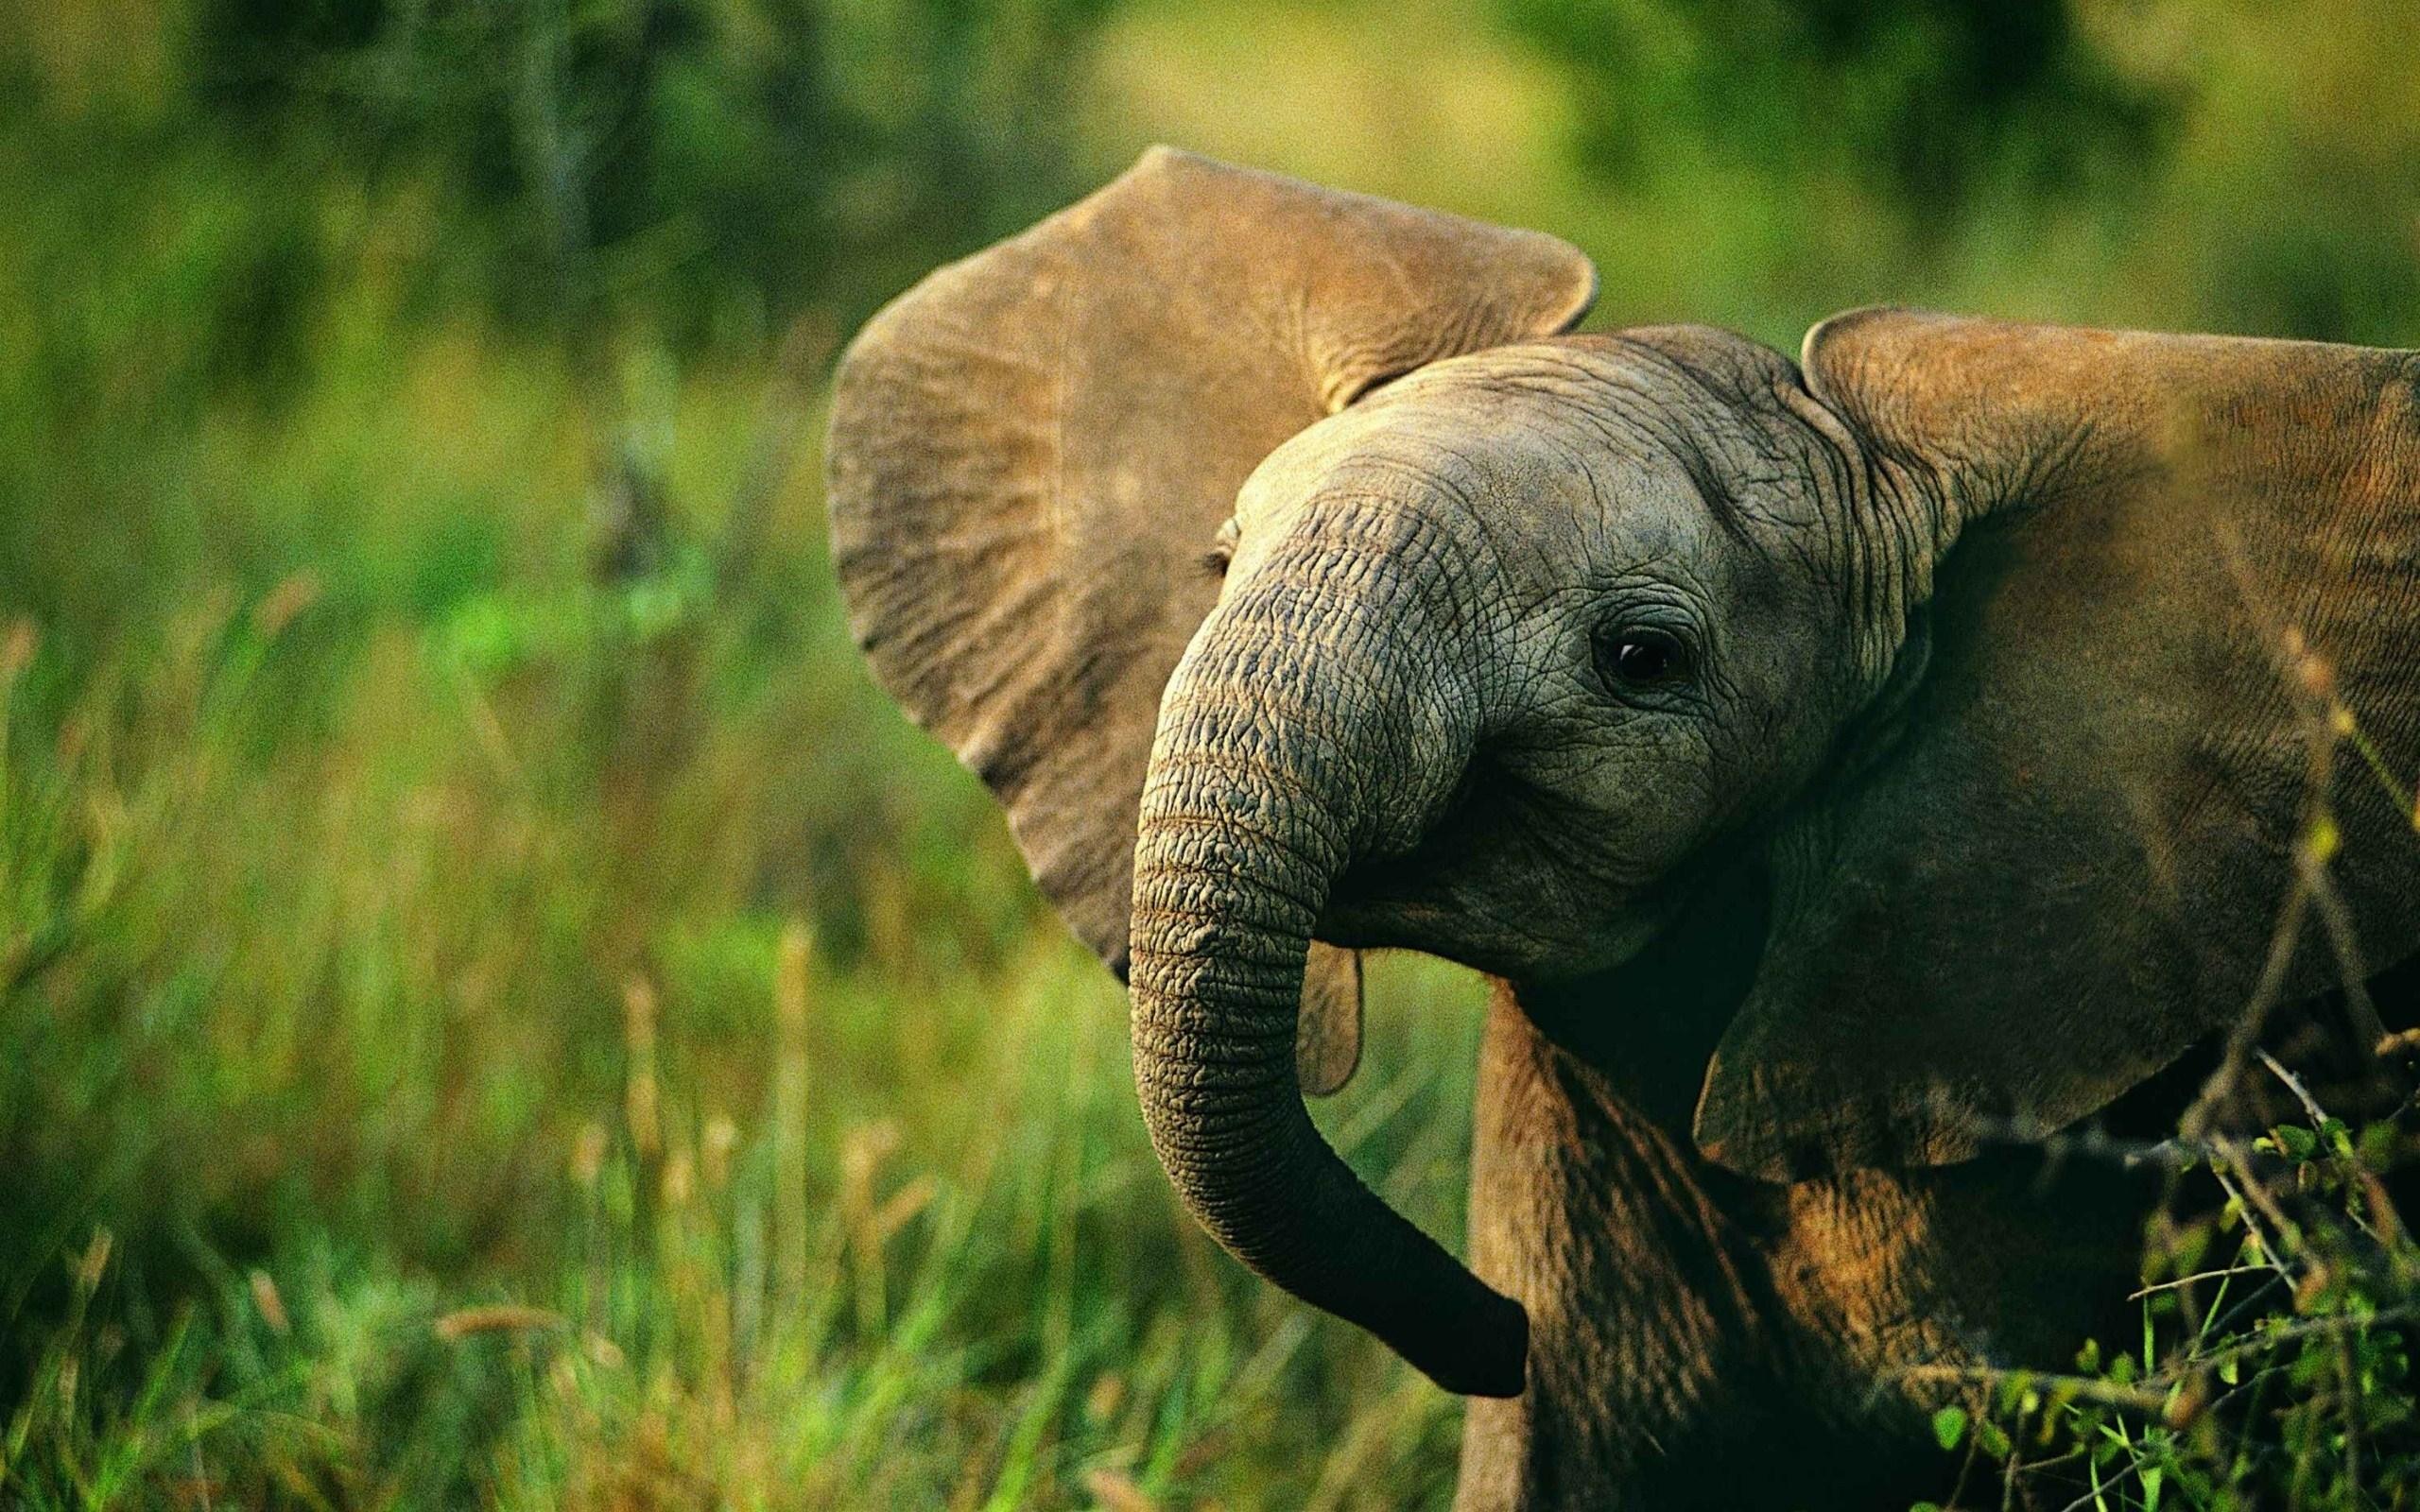 baby elephant nature wallpaper 2560x1600   Magic4Wallscom 2560x1600